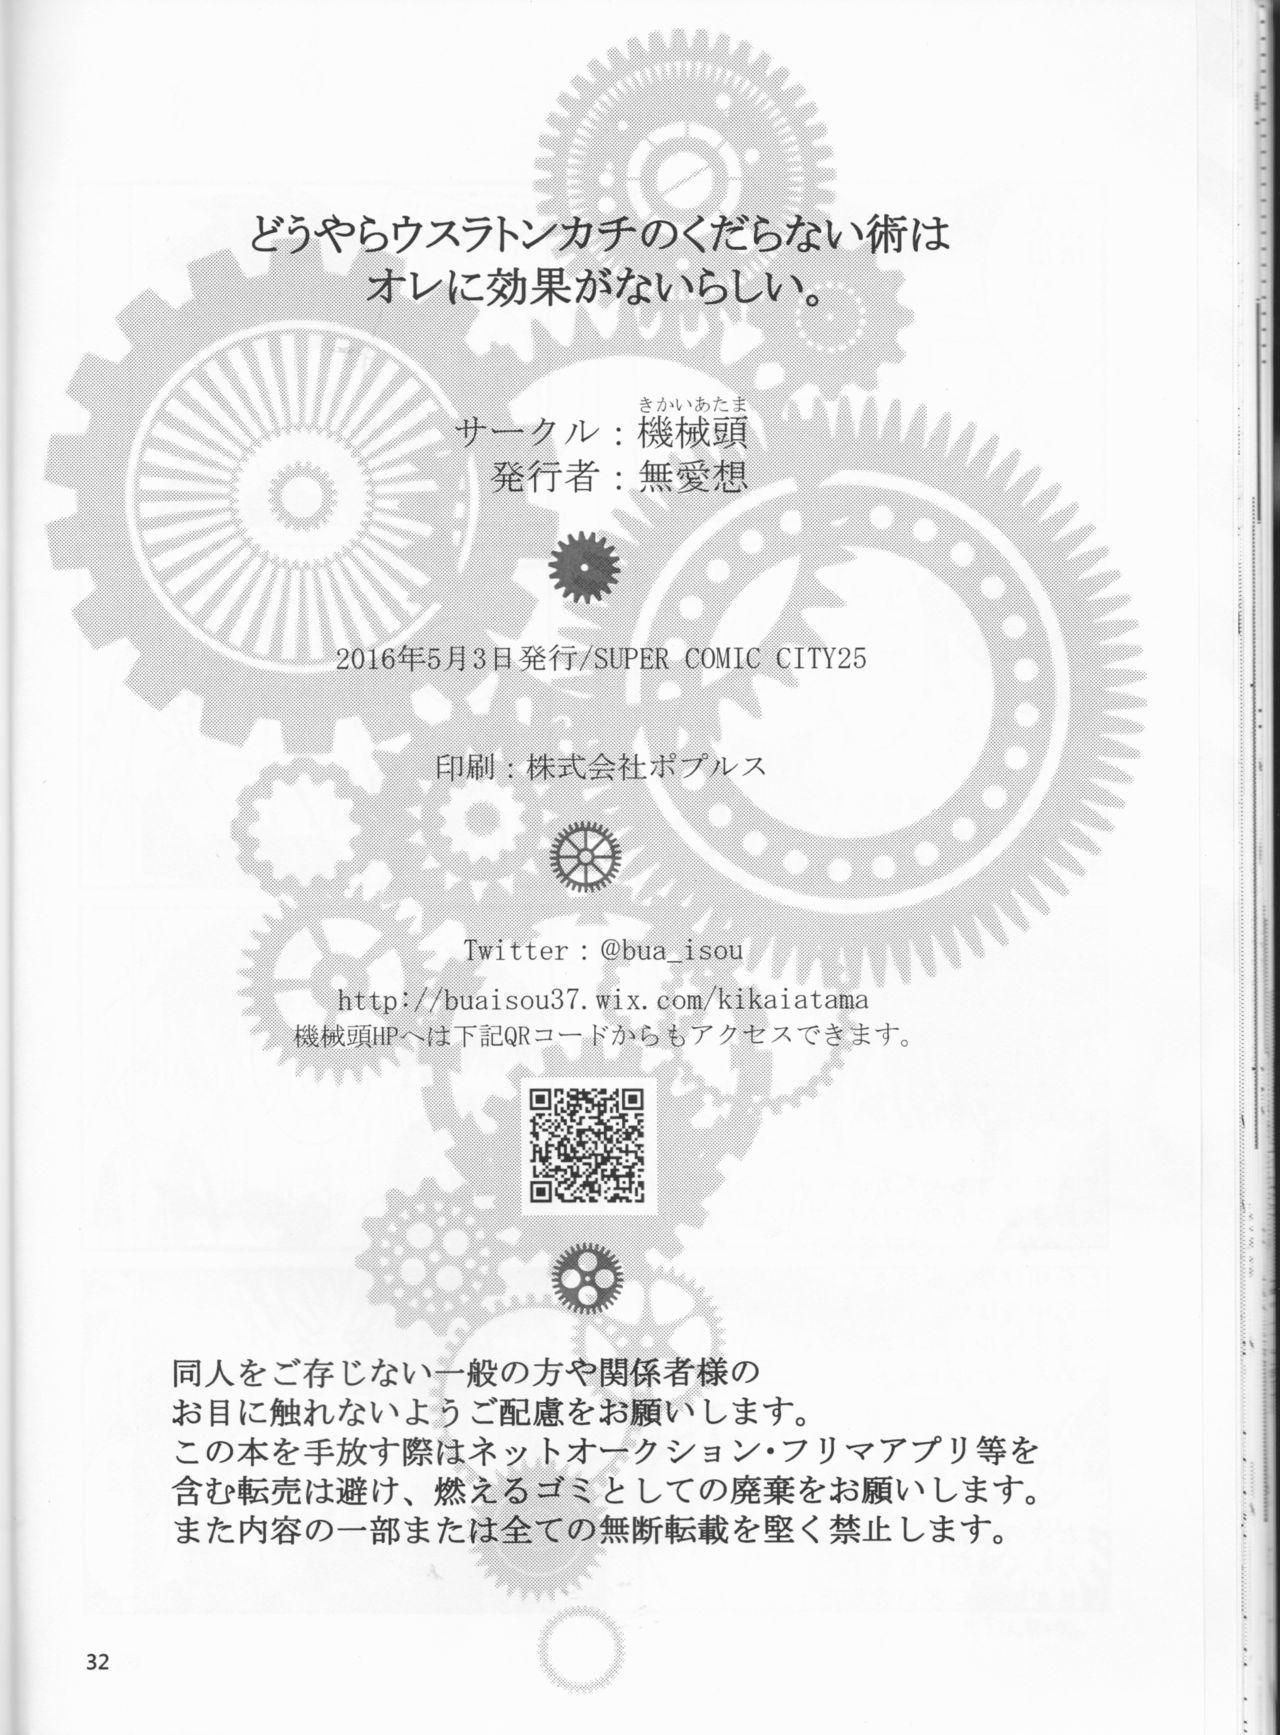 Douyara Usuratonkachi no Kudaranai Jutsu wa Ore ni Kouka ga Nai rashii. 31